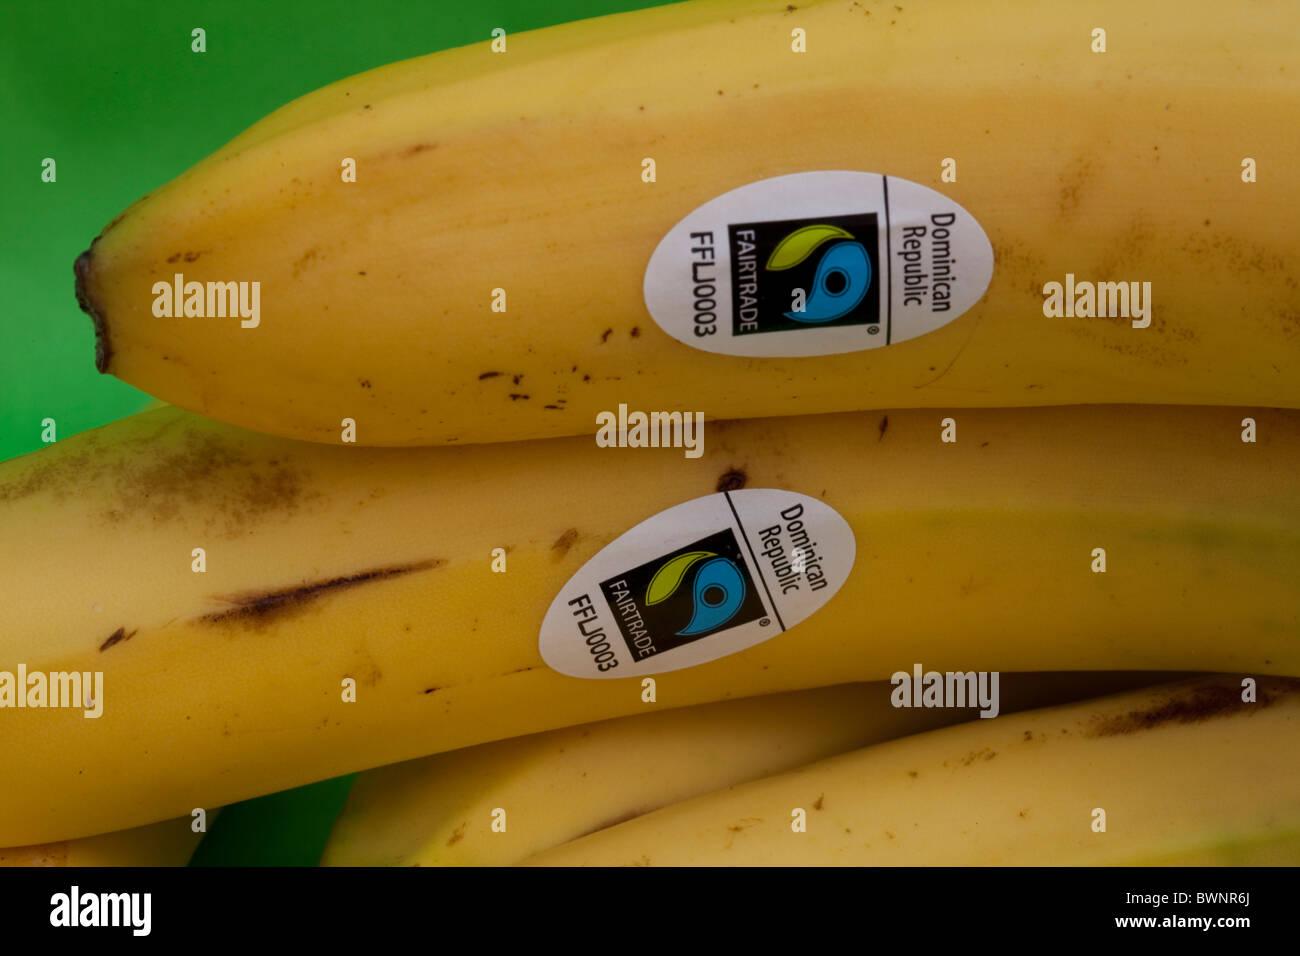 Il commercio equo e solidale etichetta adesiva sulla Repubblica Dominicana banane Immagini Stock